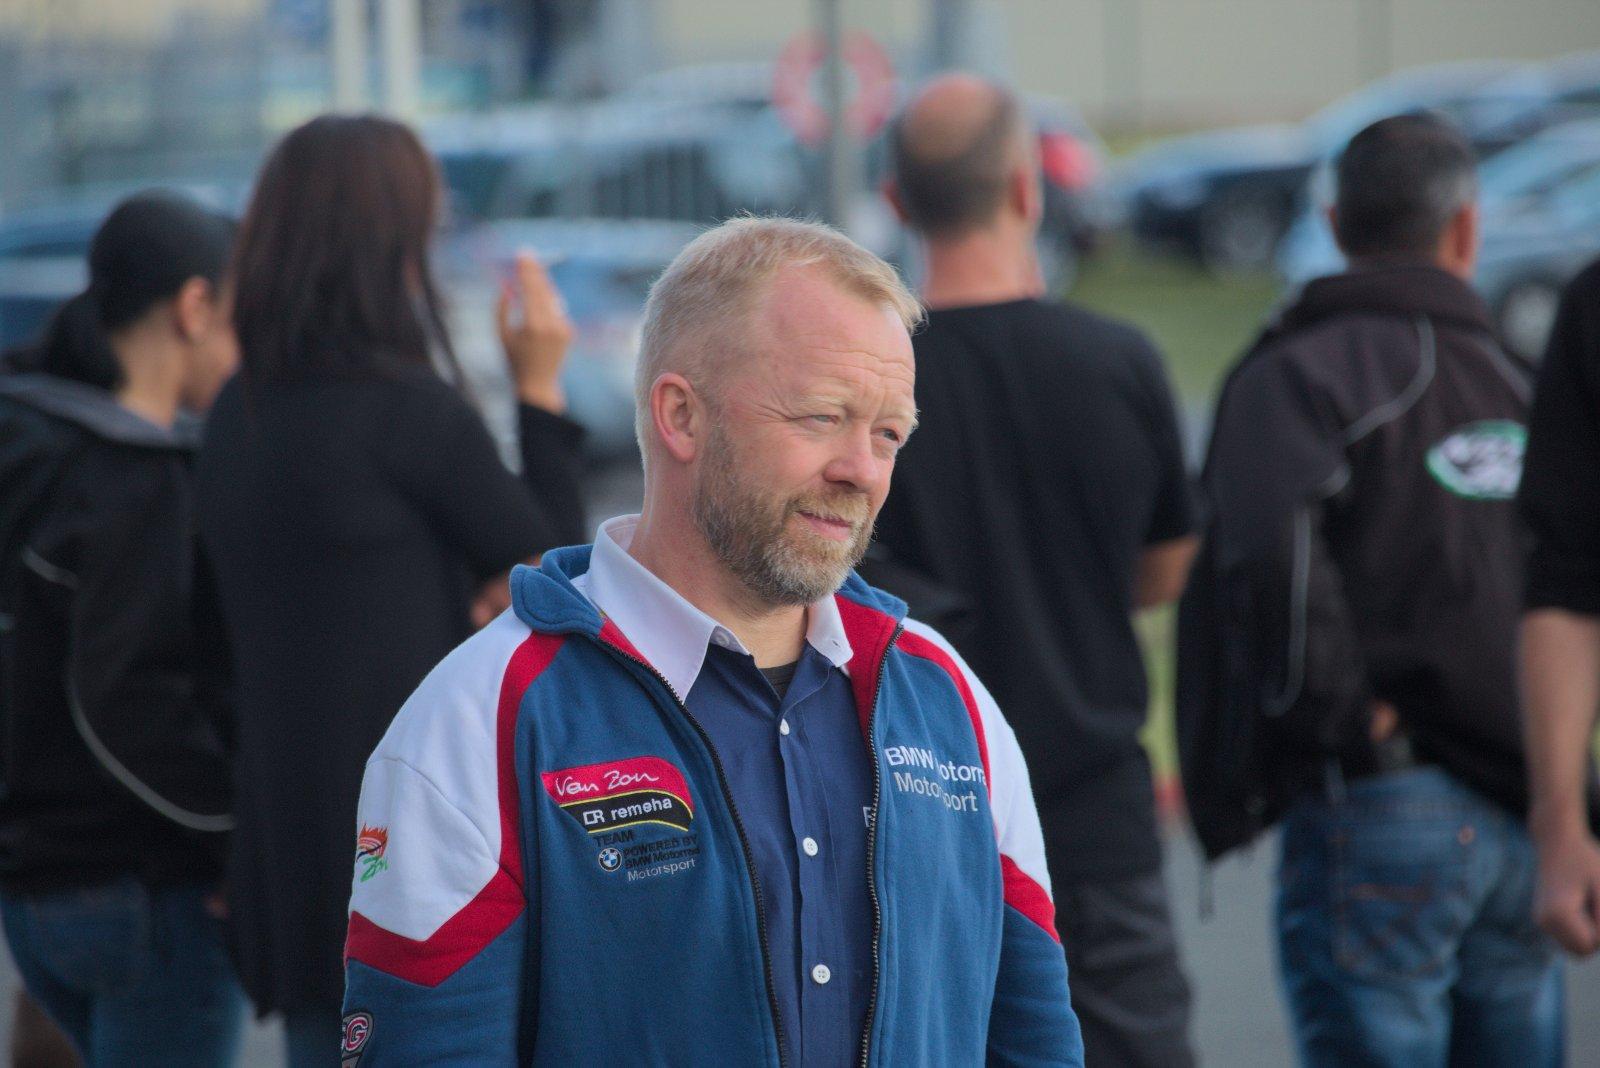 Werner Daemen startet 2018 mit seinem Team alpha racing Van Zon BMW in der Superstock 1000 Europameisterschaft und in der IDM.